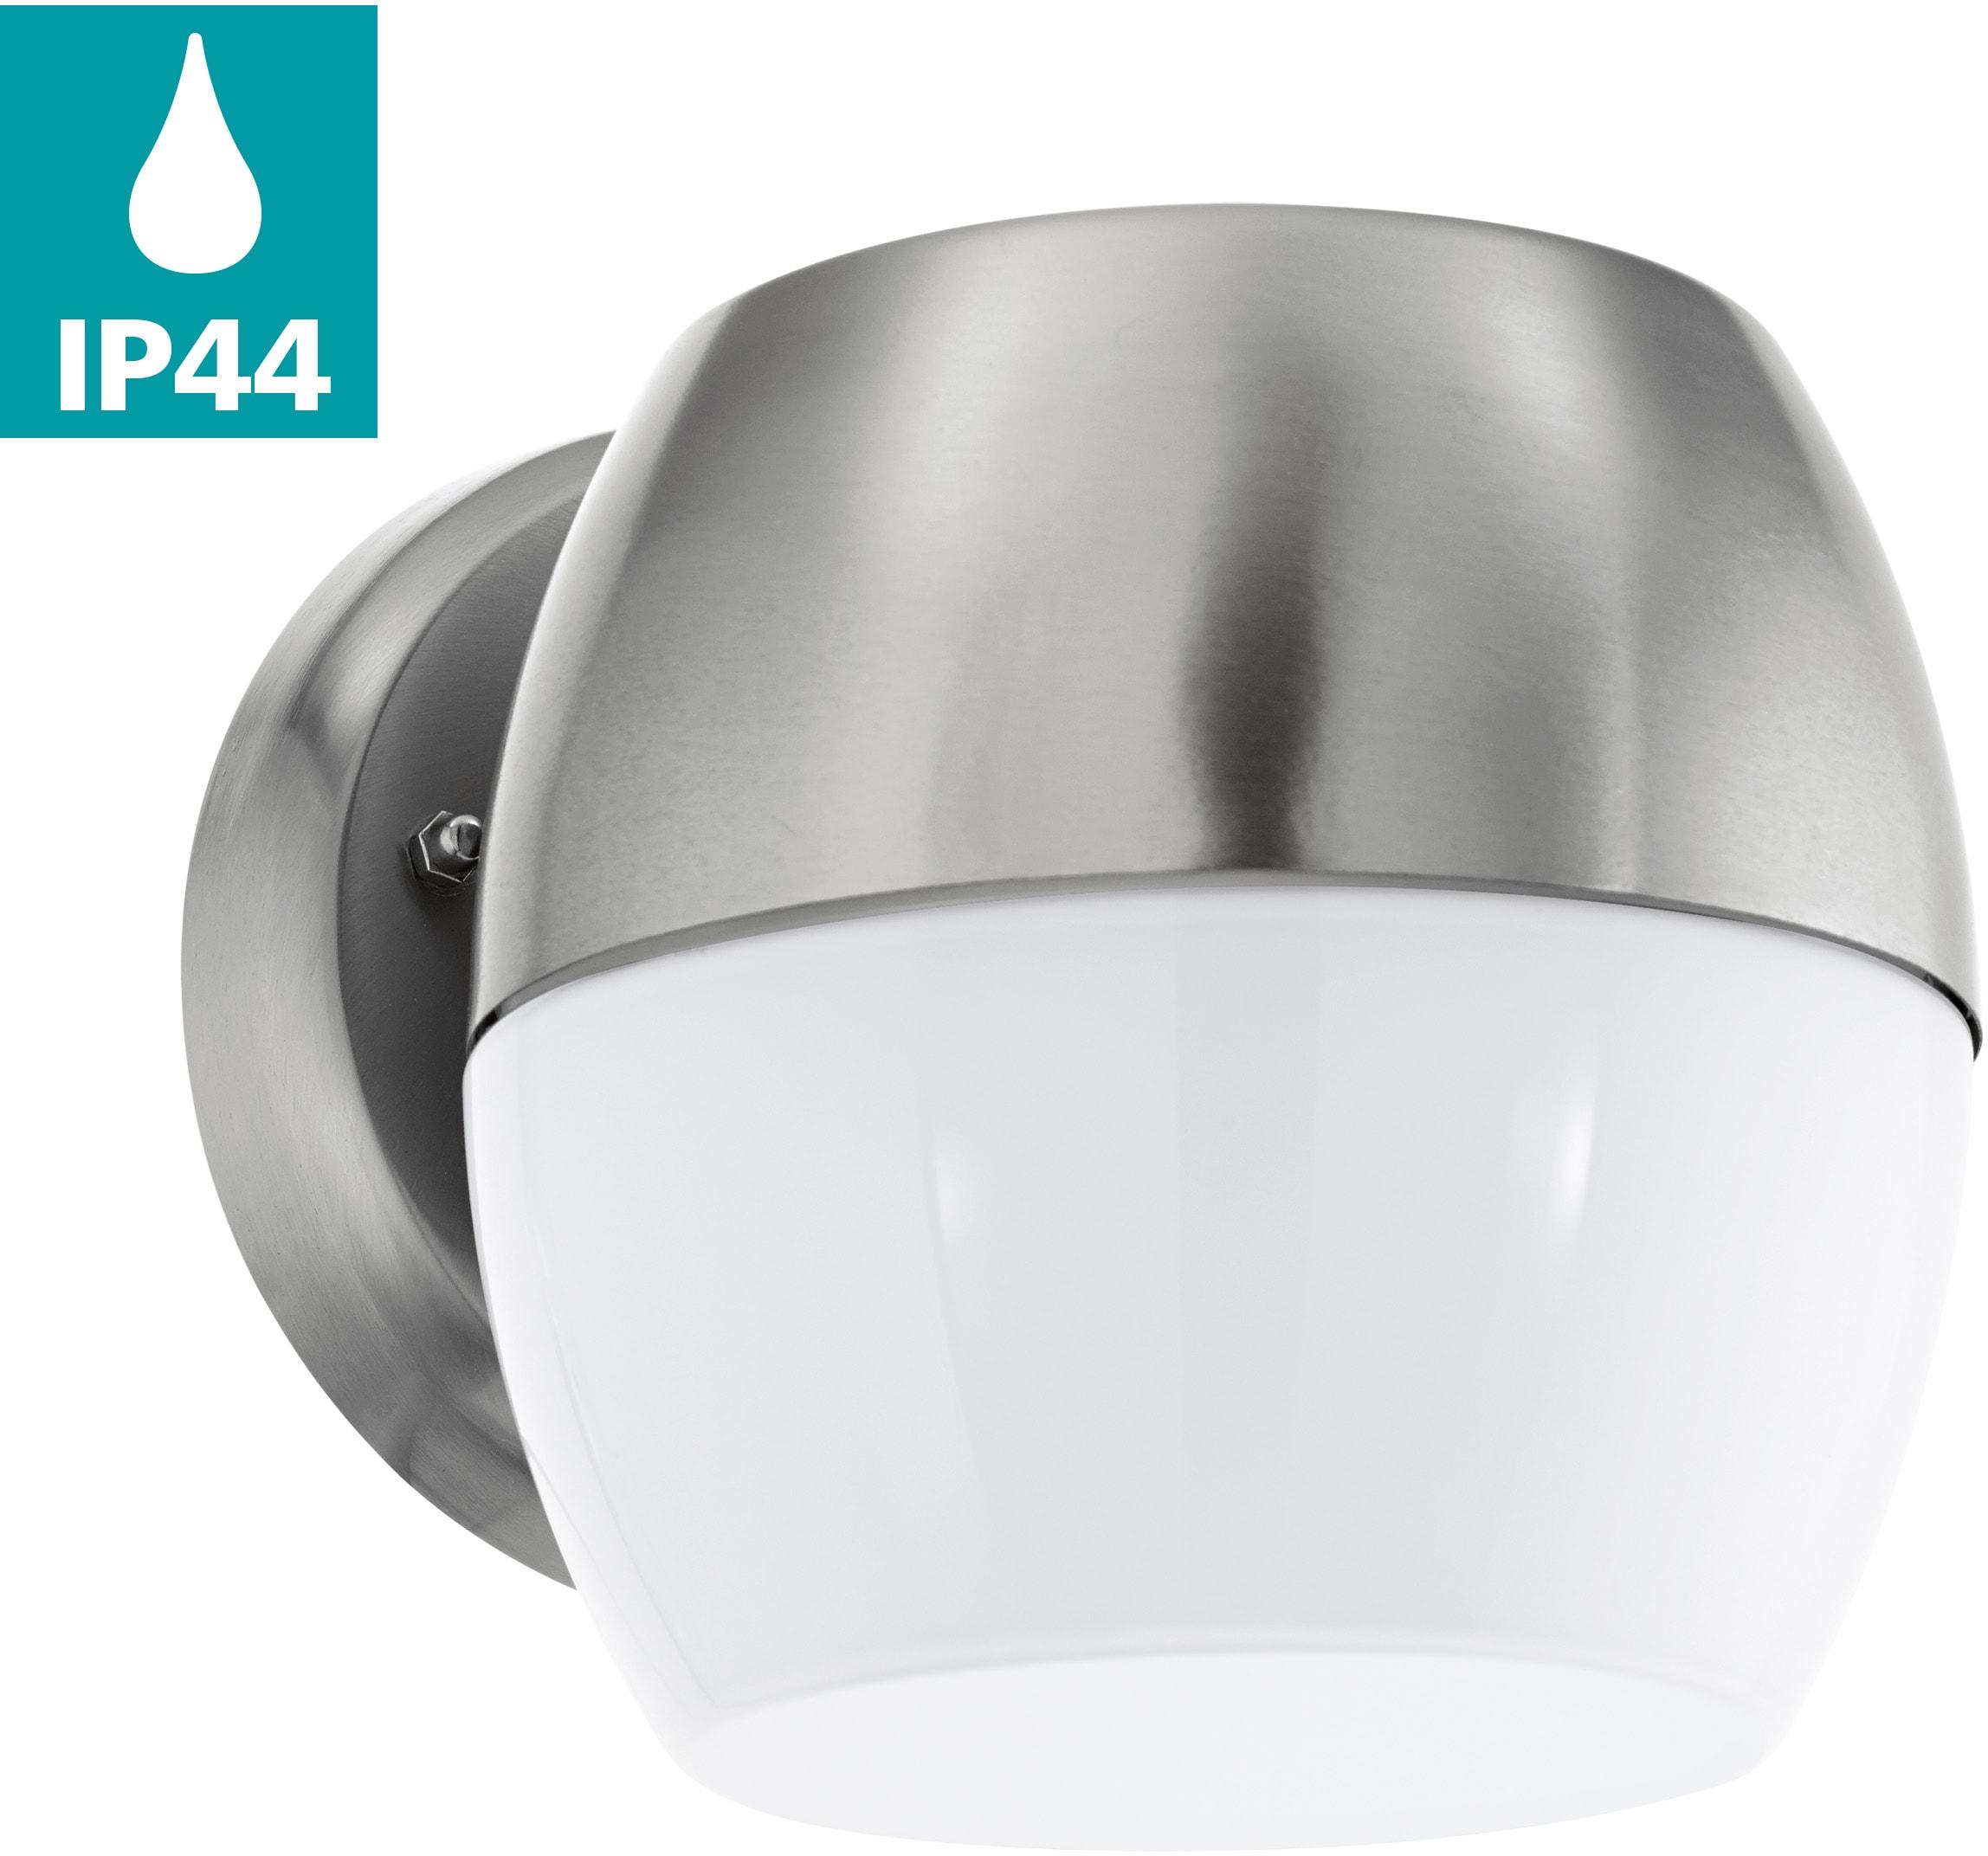 EGLO LED Außen-Wandleuchte ONCALA, LED-Board, Warmweiß, Eckmontage möglich, LED tauschbar